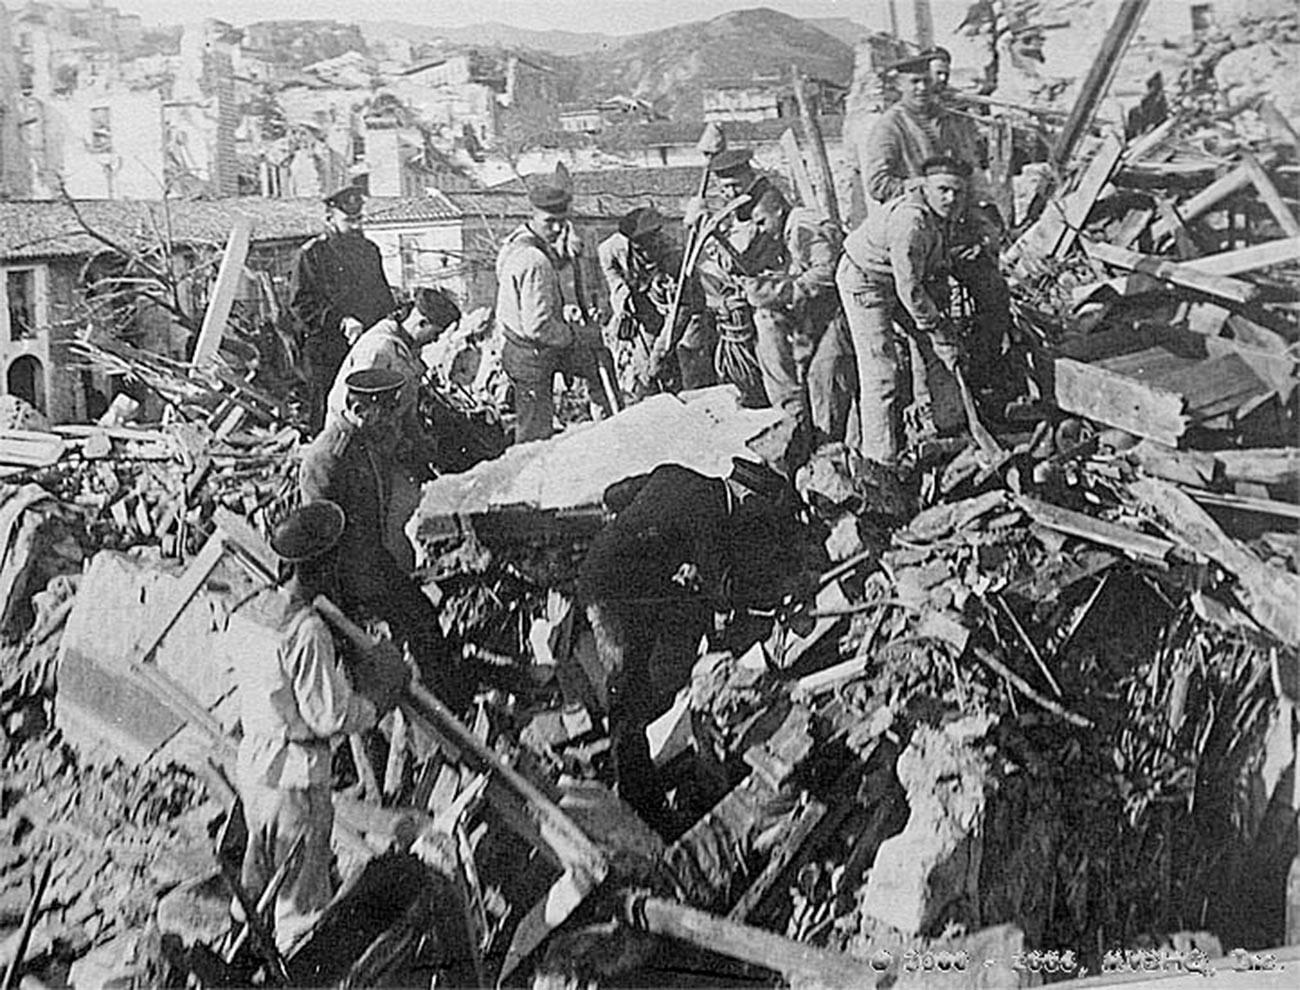 Mornarji oklepnice Slava na razvalinah Mesine